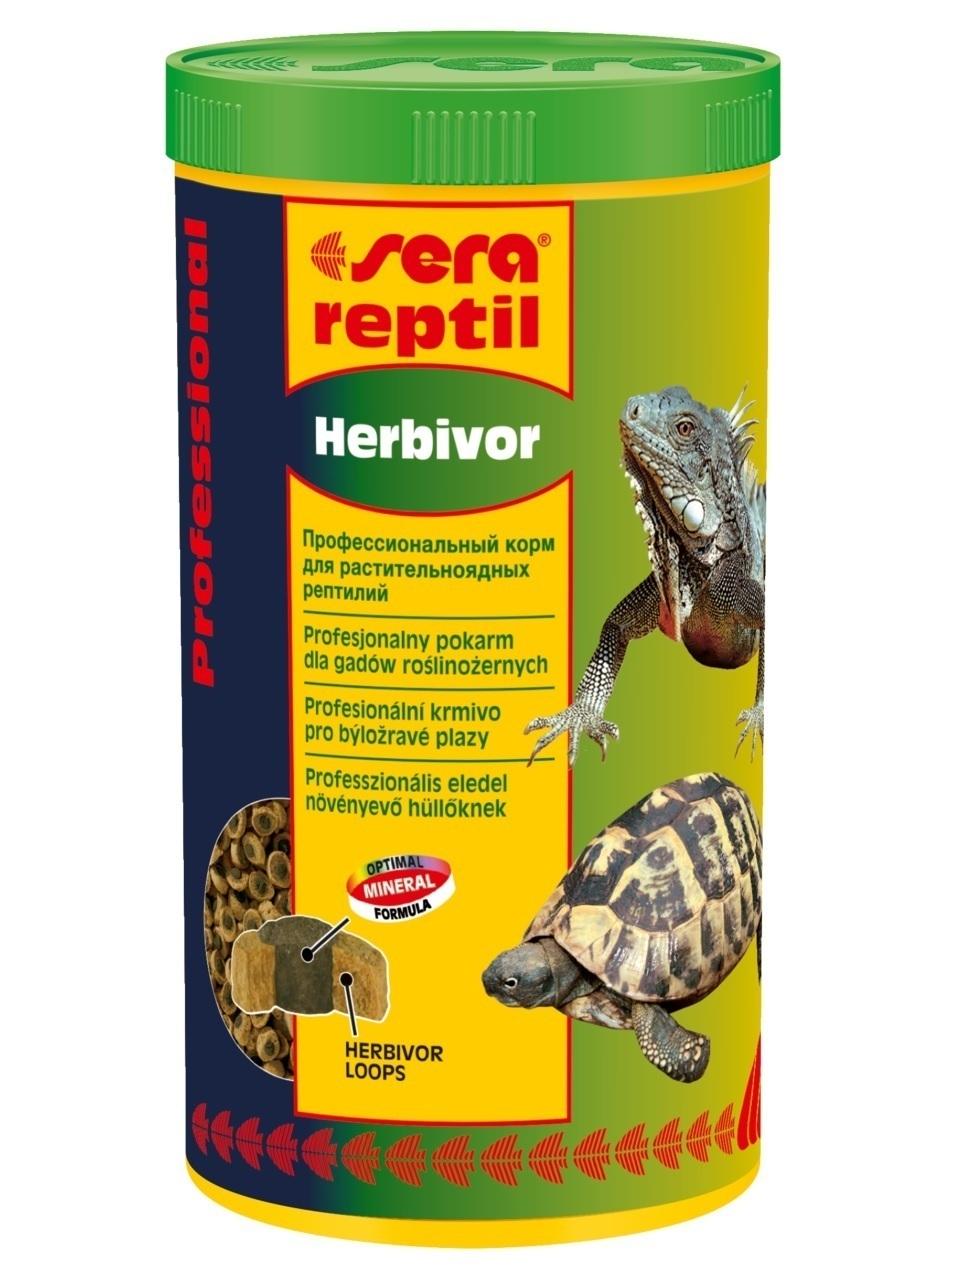 Herbivor 250мл. корм драстительноядных рептилий. 16